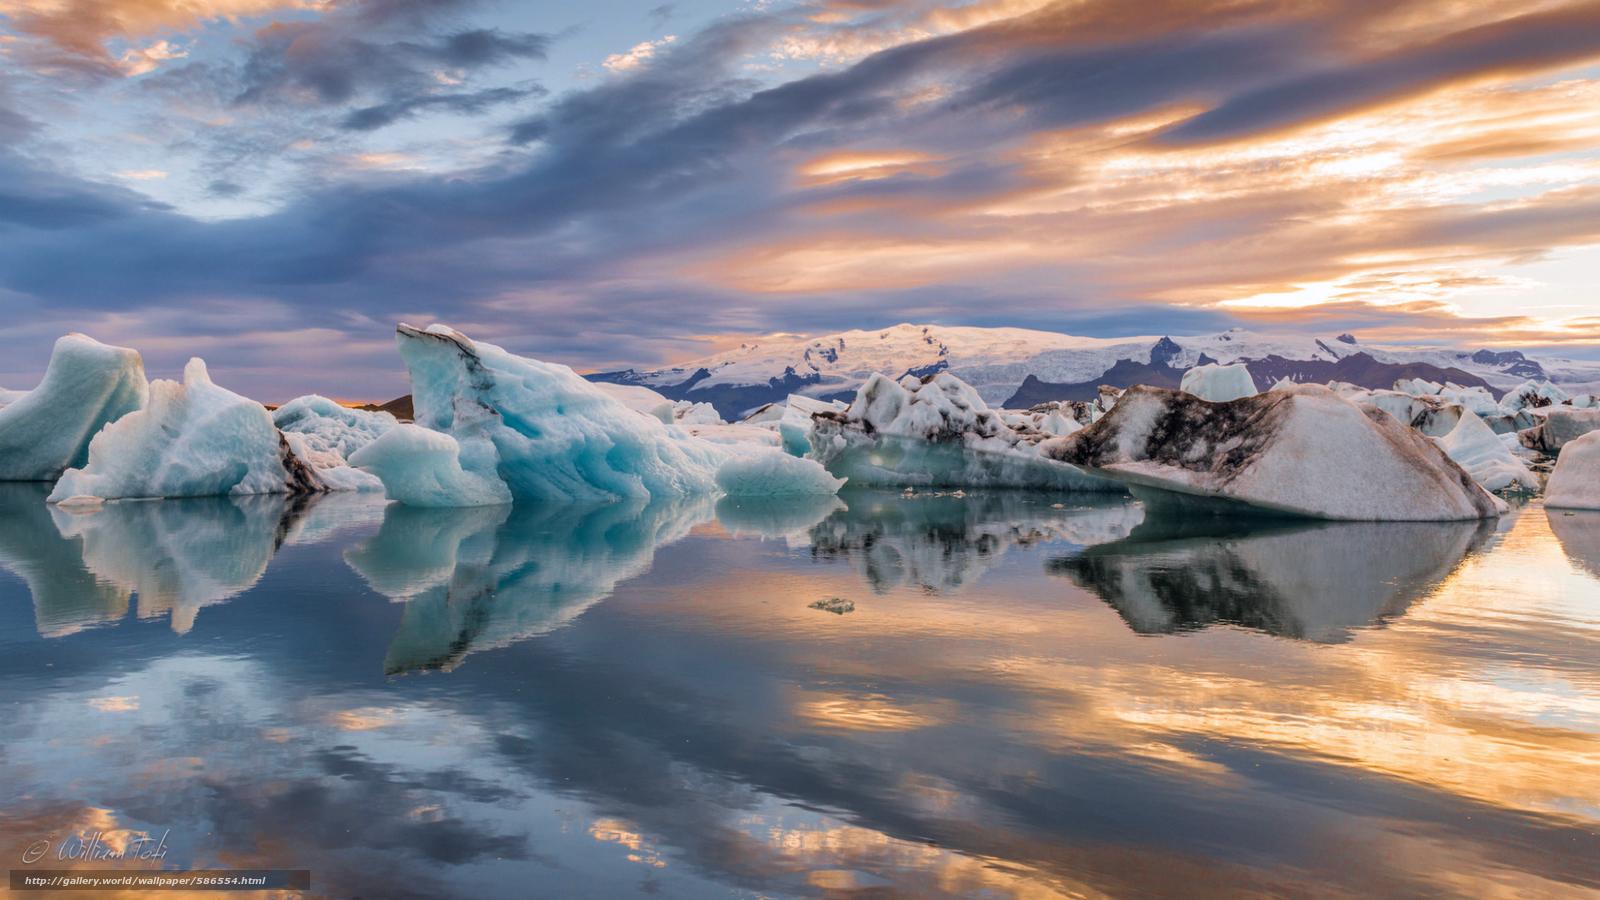 Scaricare Gli Sfondi Gelato Ghiacciai Nuvole Riflessione Sfondi